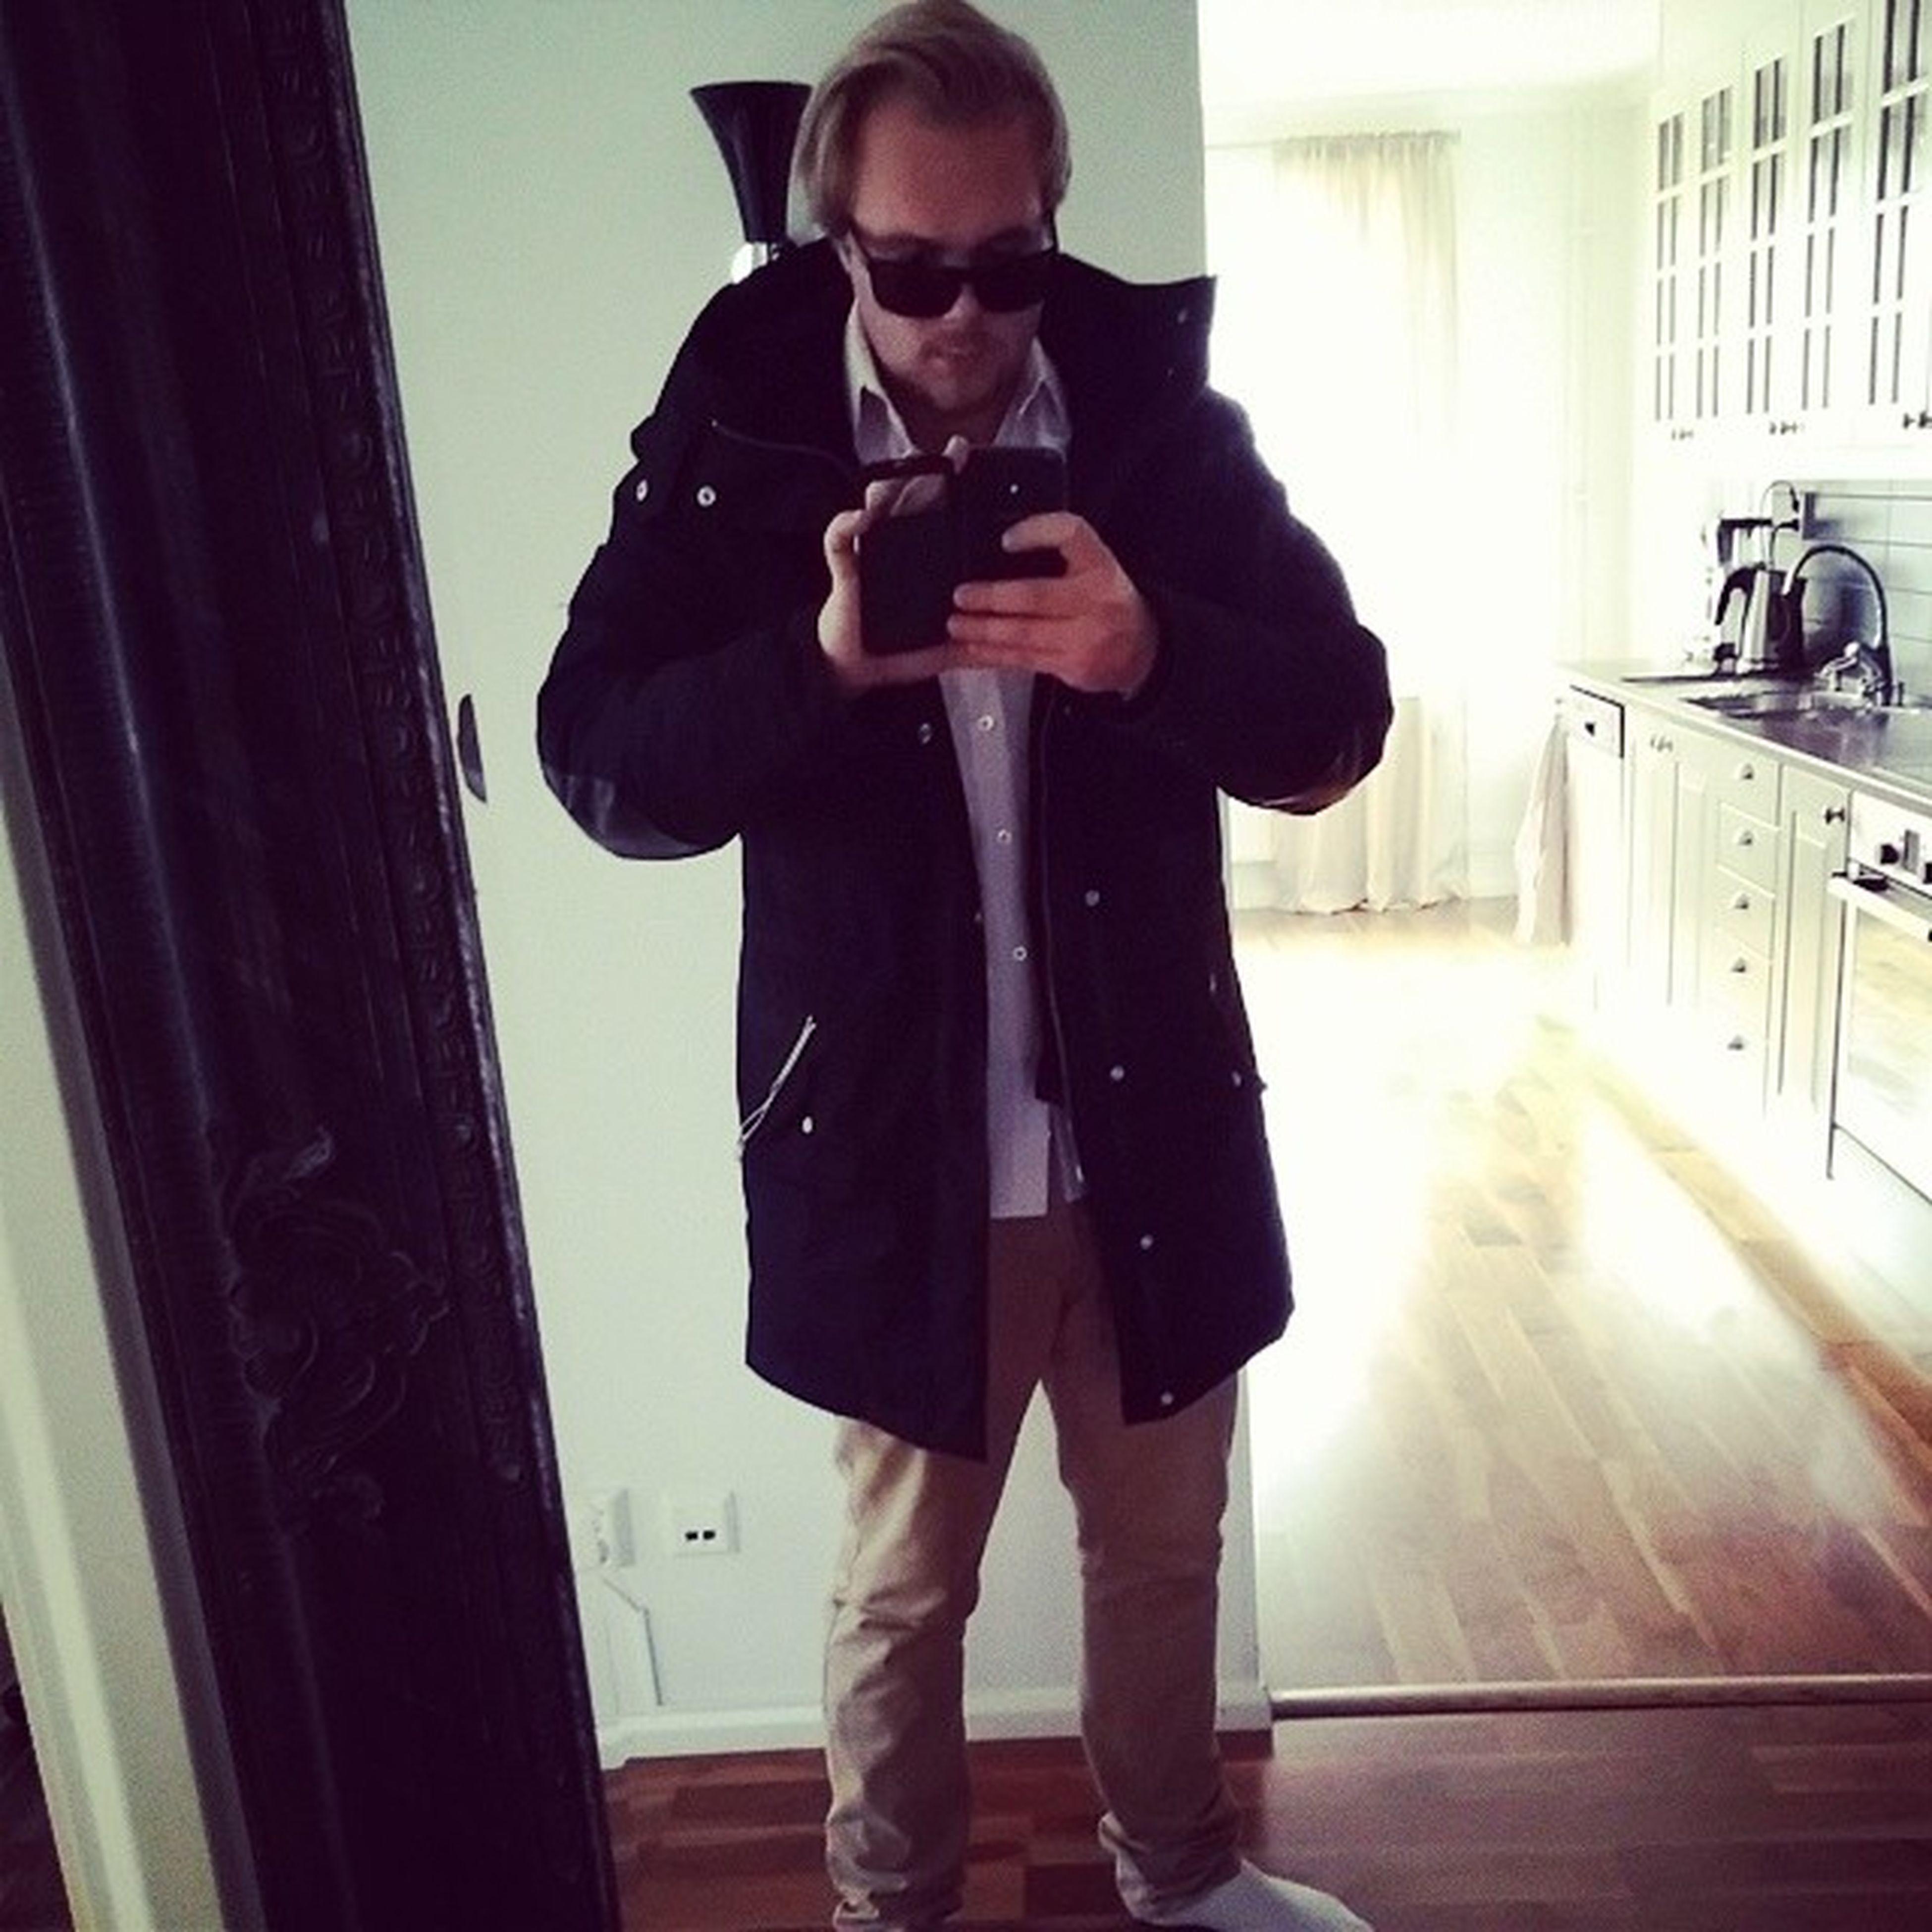 Jag & mina nya selfie-brillor ska ut på promenix Balsamfrilla Sjuktd åliguppdateringIGEN SK  ärpning